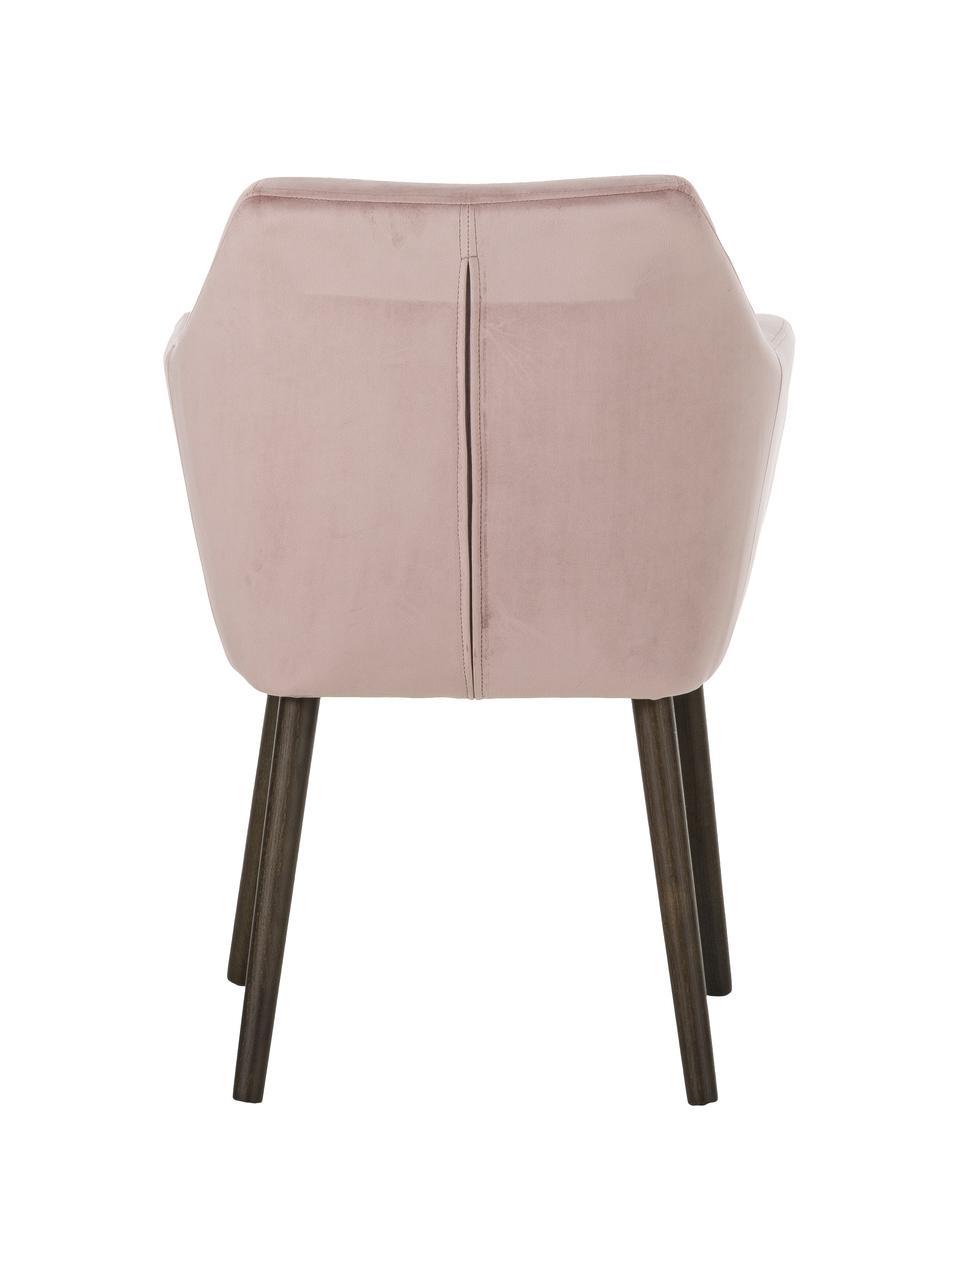 Chaise velours pieds en bois Nora, Velours rose, pieds brun foncé